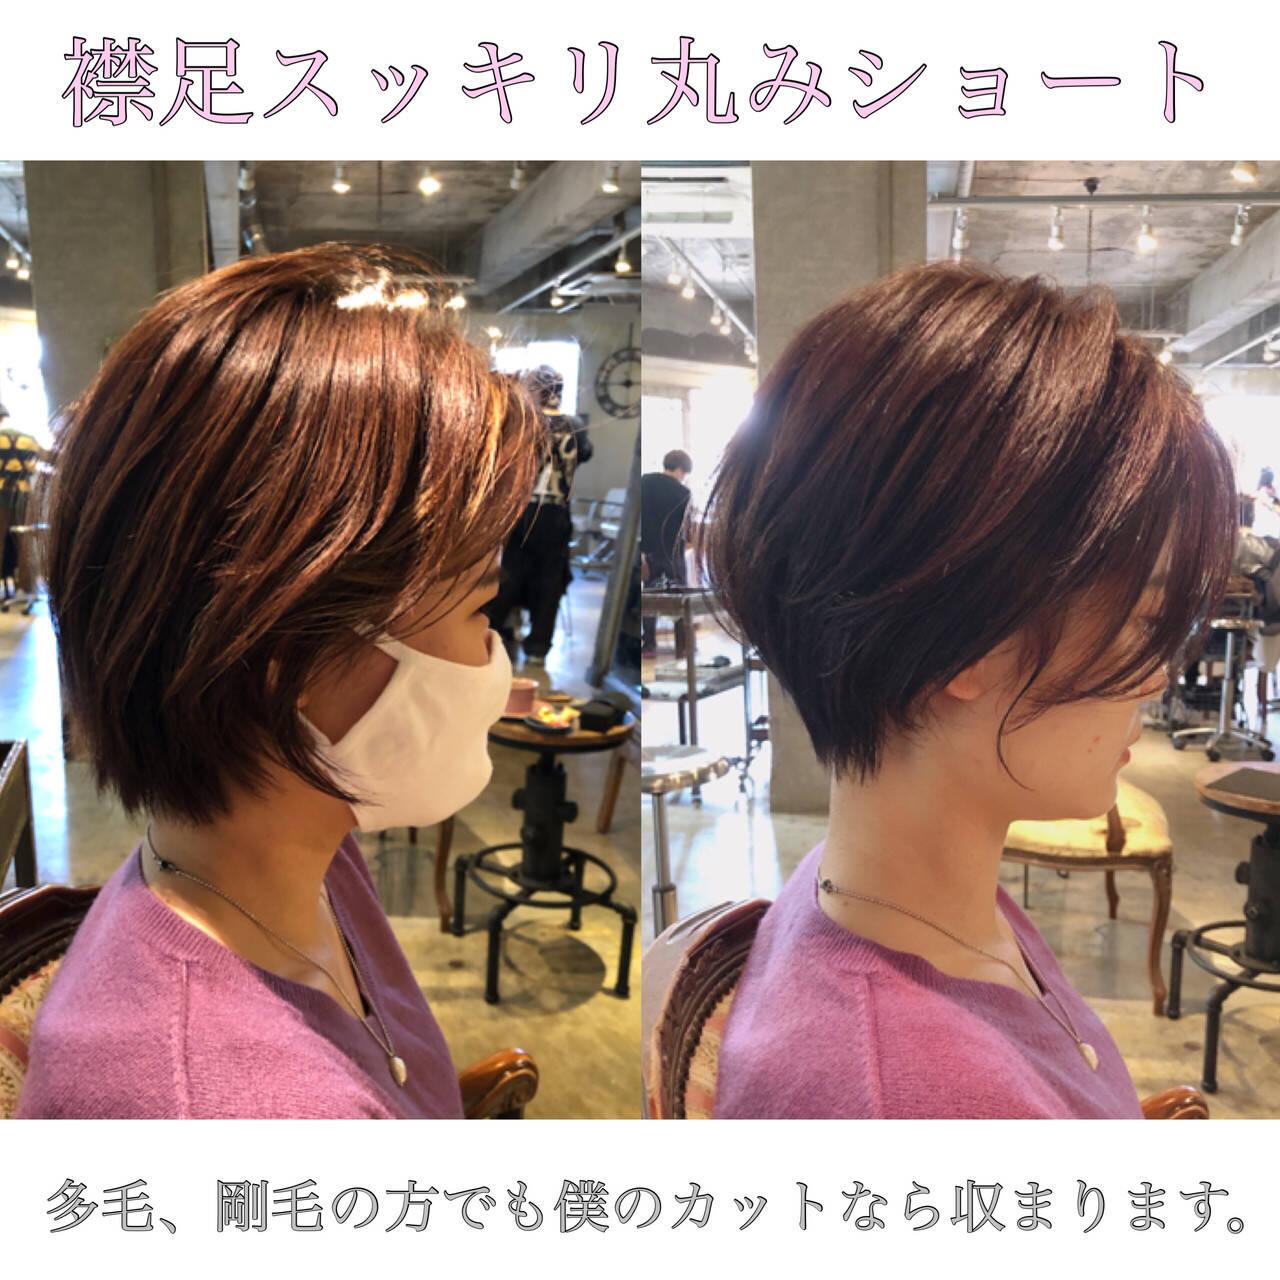 ミニボブ フェミニン ベリーショート 切りっぱなしボブヘアスタイルや髪型の写真・画像